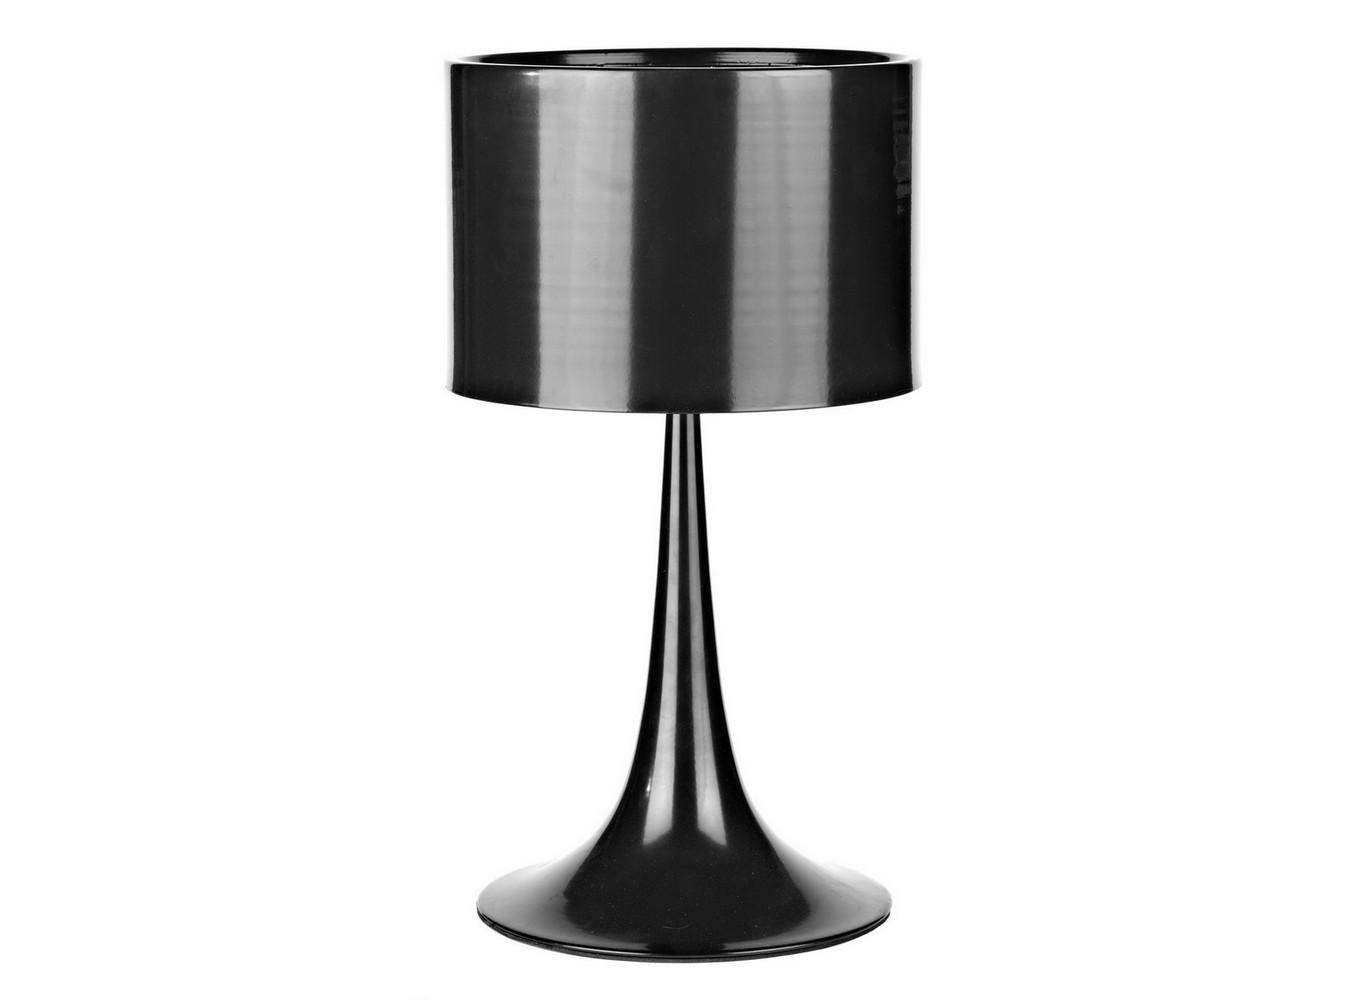 Настольная лампа Flos - Spun LightДекоративные лампы<br>В настольной лампе Flos-Spun ничего лишнего — только продуманный дизайн и функциональность! Как раз это можно сказать о данной модели лампы. Она полностью выполнена в чёрном цвете из алюминия. Из круглого основания словно вырастает ножка, сужающаяся к низу и увенчанная абажуром цилиндрической формы. Лампа будет уместна в современном интерьере, лучше всего она будет смотреться на дизайнерском столе в белом цвете.&amp;lt;div&amp;gt;&amp;lt;br&amp;gt;&amp;lt;/div&amp;gt;&amp;lt;div&amp;gt;&amp;lt;div&amp;gt;Вид цоколя: Е27&amp;lt;/div&amp;gt;&amp;lt;div&amp;gt;Мощность лампы: 40W&amp;lt;/div&amp;gt;&amp;lt;div&amp;gt;Количество ламп: 1&amp;lt;/div&amp;gt;&amp;lt;div&amp;gt;Наличие ламп: нет&amp;lt;/div&amp;gt;&amp;lt;/div&amp;gt;<br><br>Material: Алюминий<br>Height см: 30<br>Diameter см: 22